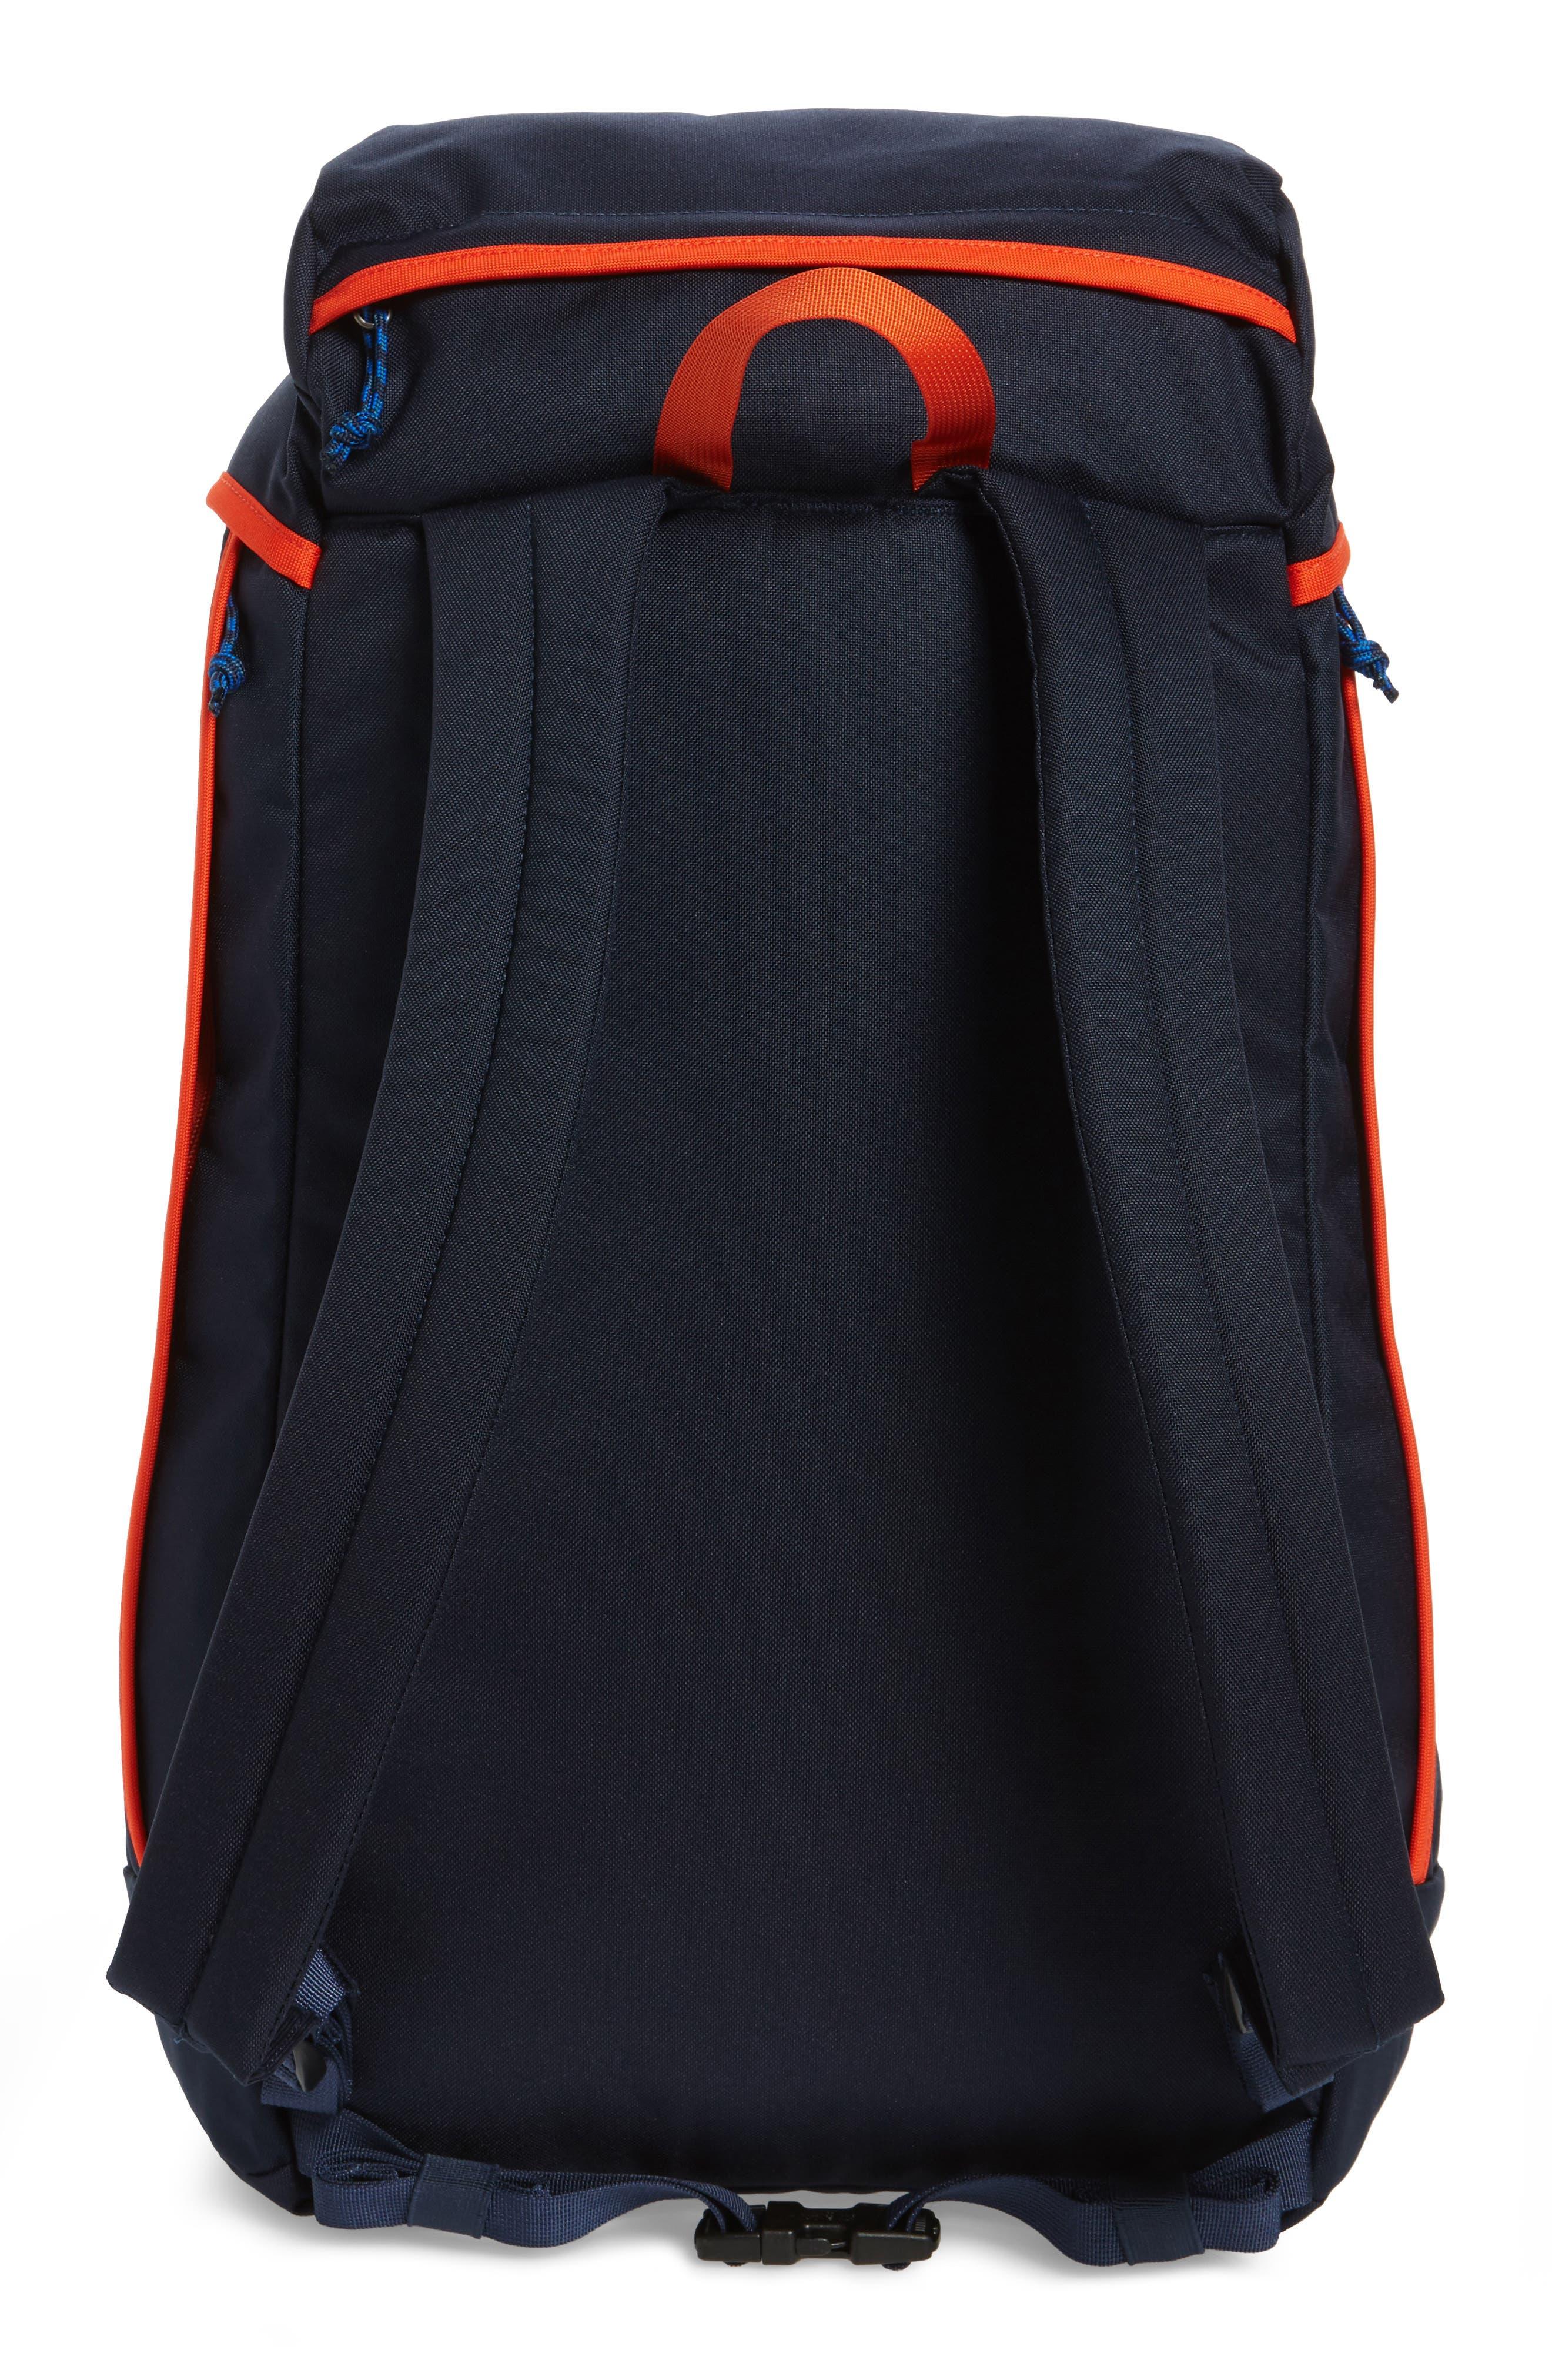 Arbor Grande 32-Liter Backpack,                             Alternate thumbnail 3, color,                             Navy Blue/ Paintbrush Red